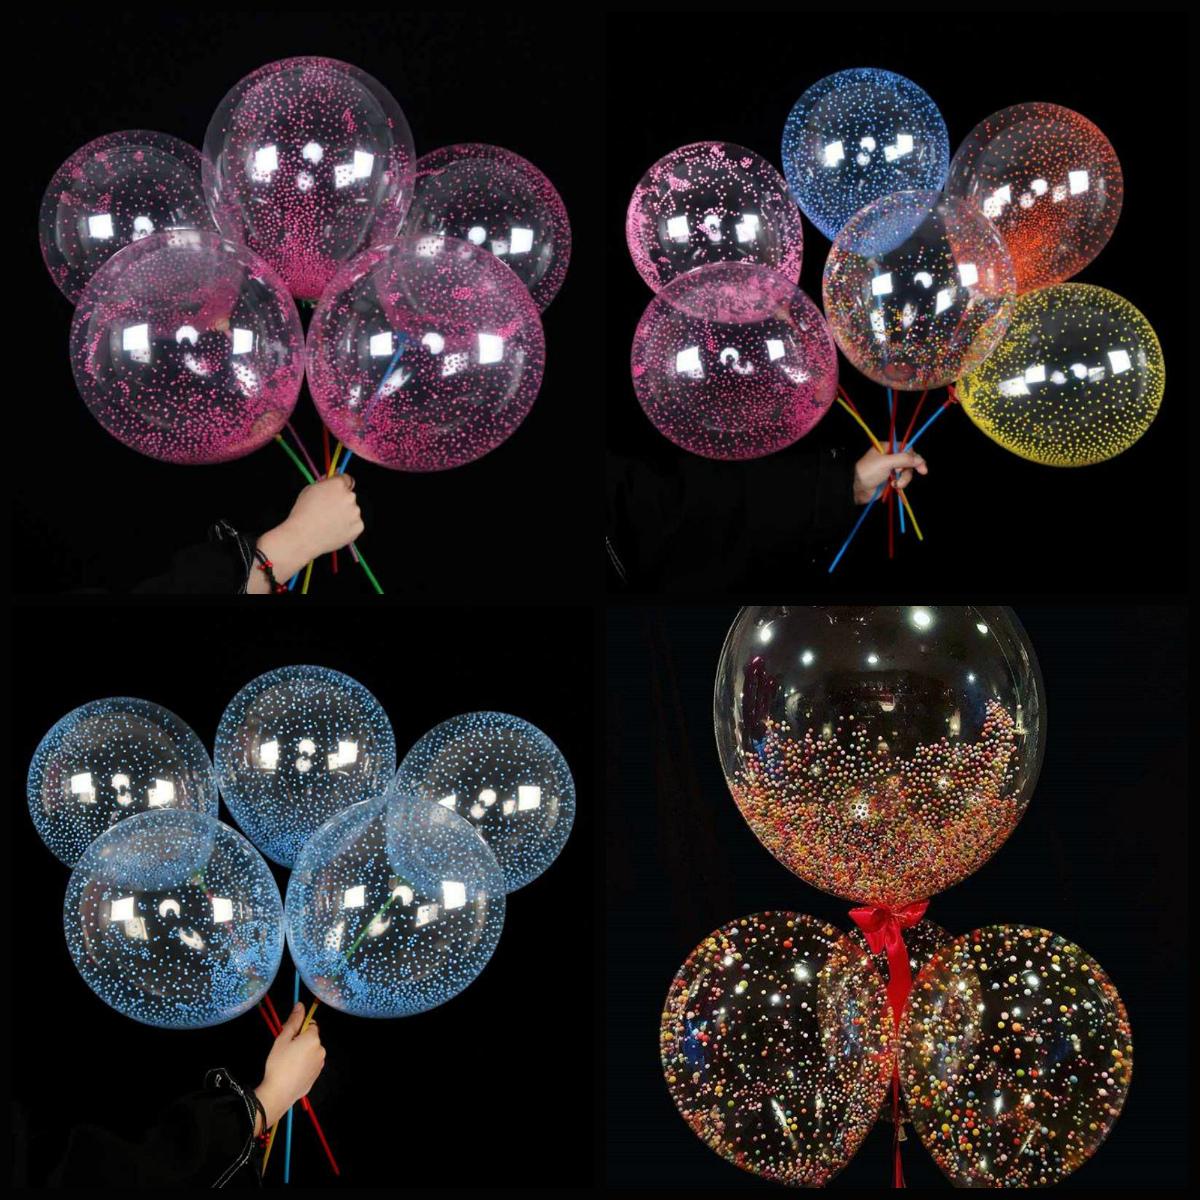 Пенопластовые шарики - наполнители для воздушных шаров